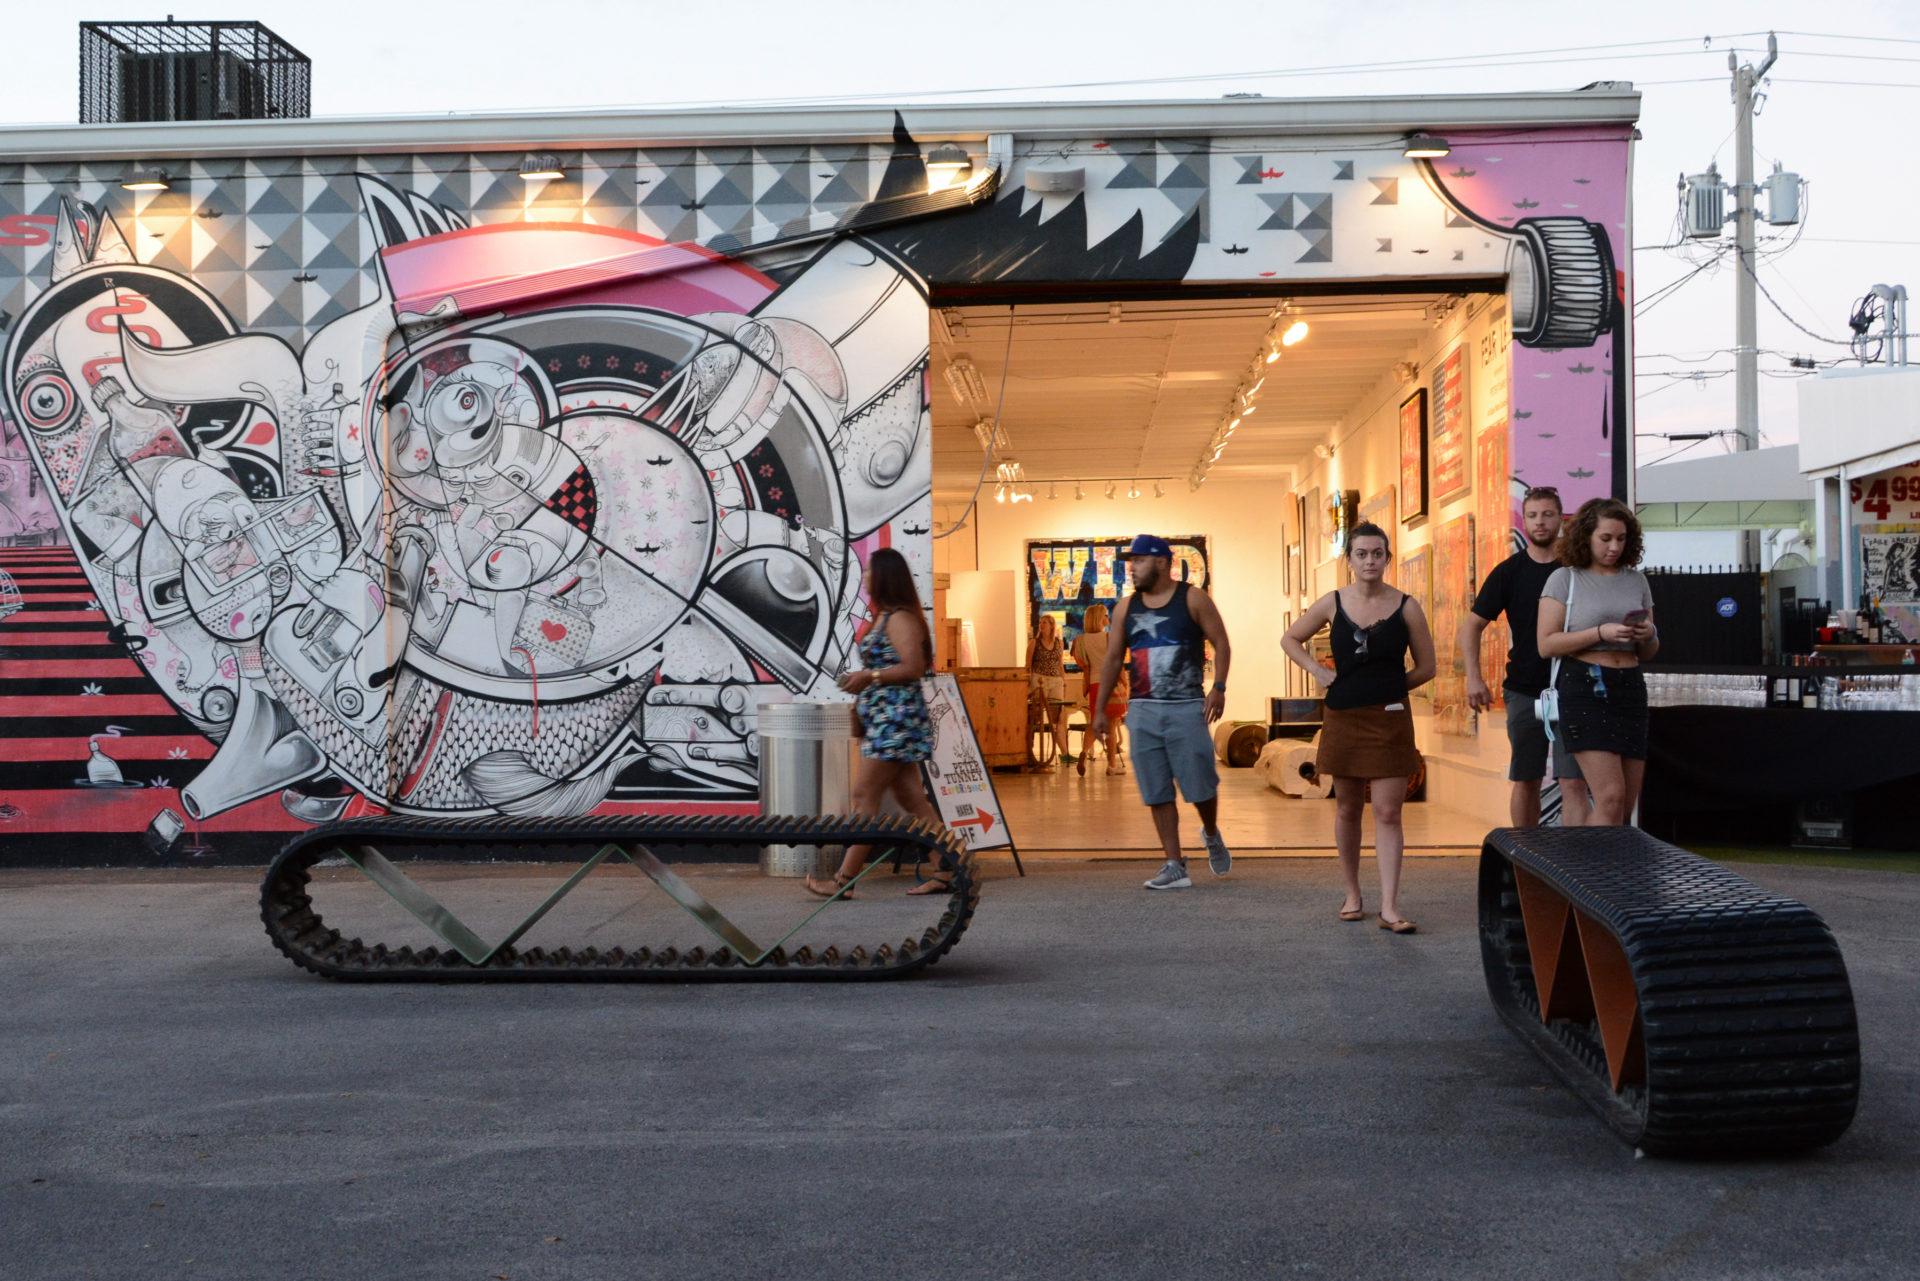 Galerie von Peter Tunney in Wynwood in Miamis Stadtteil Wynwood